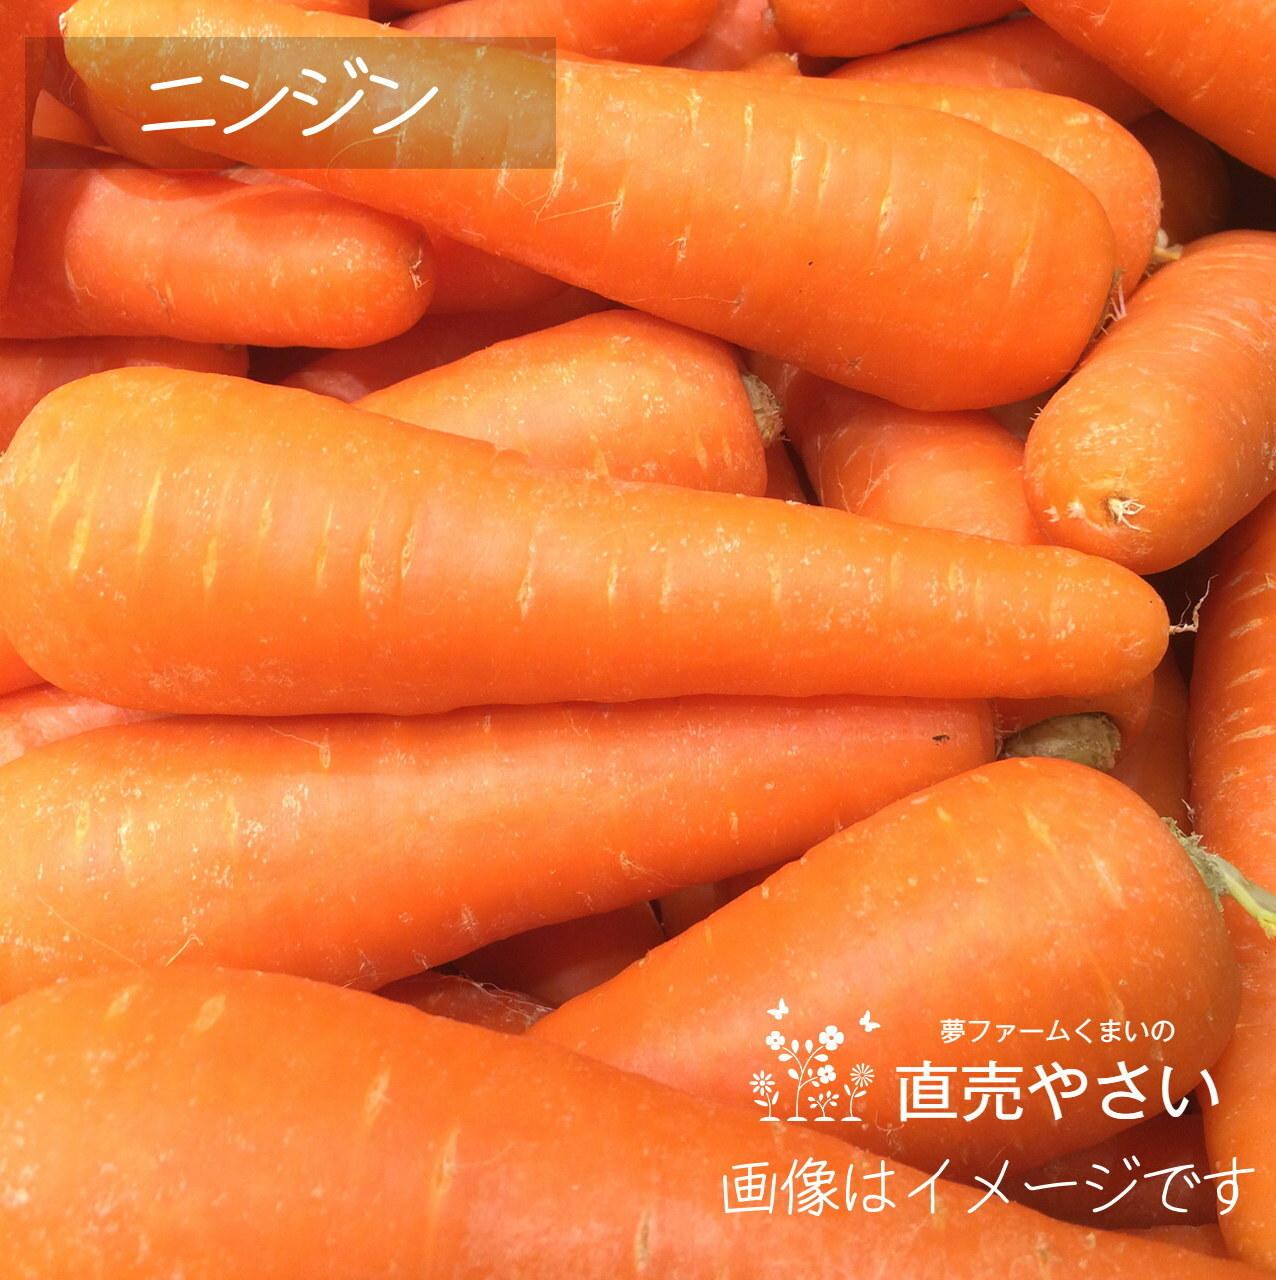 7月の新鮮野菜 : ニンジン 約400g  朝採り直売野菜 7月4日発送予定